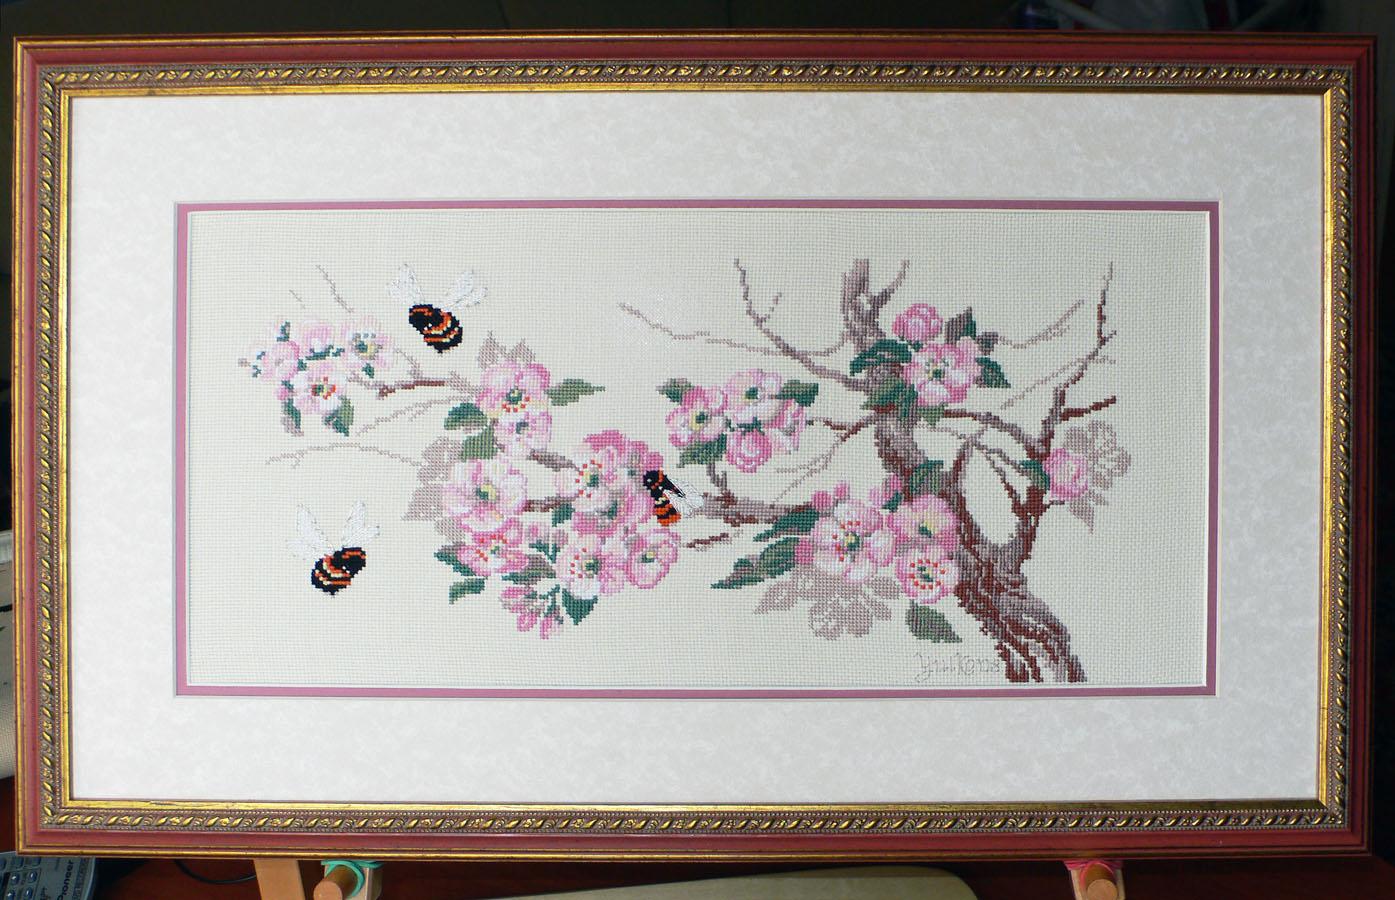 Ветка яблони. Растения (в основном цветы)